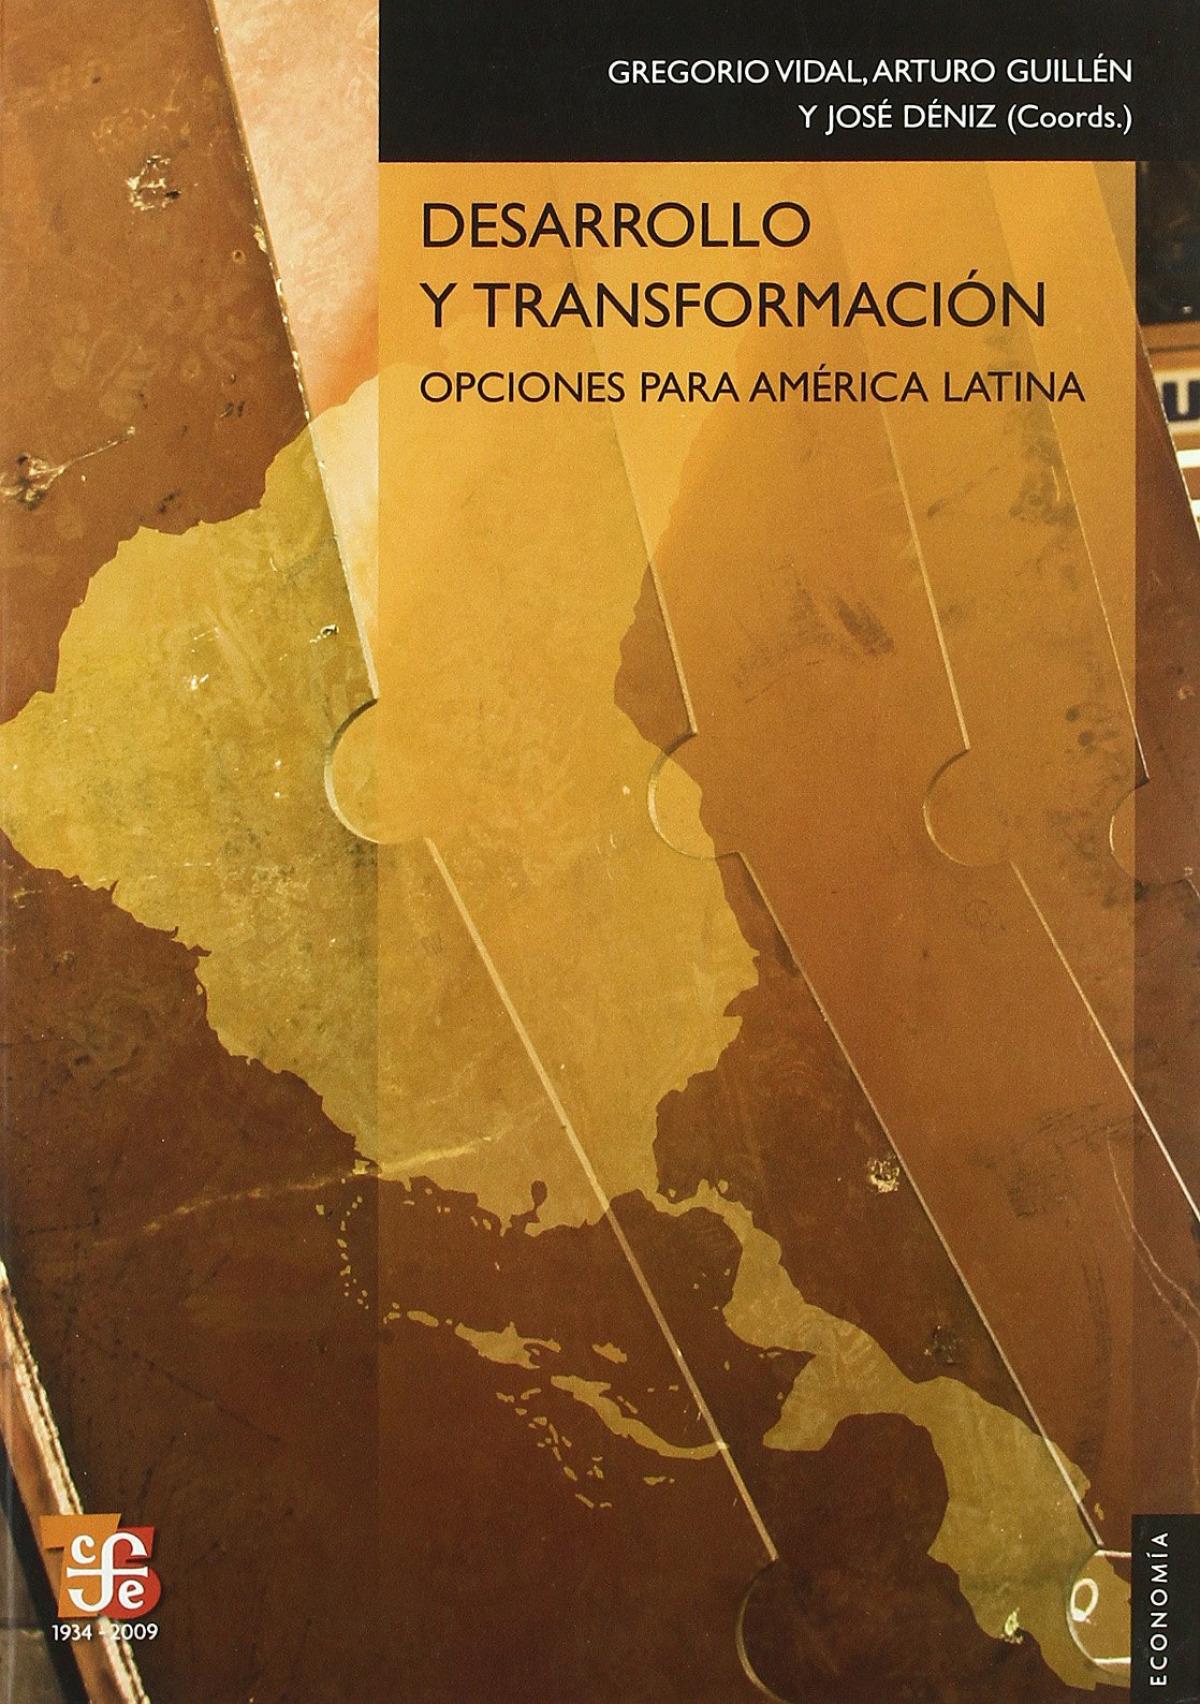 Desarrollo y transformación : Opciones para América Latina